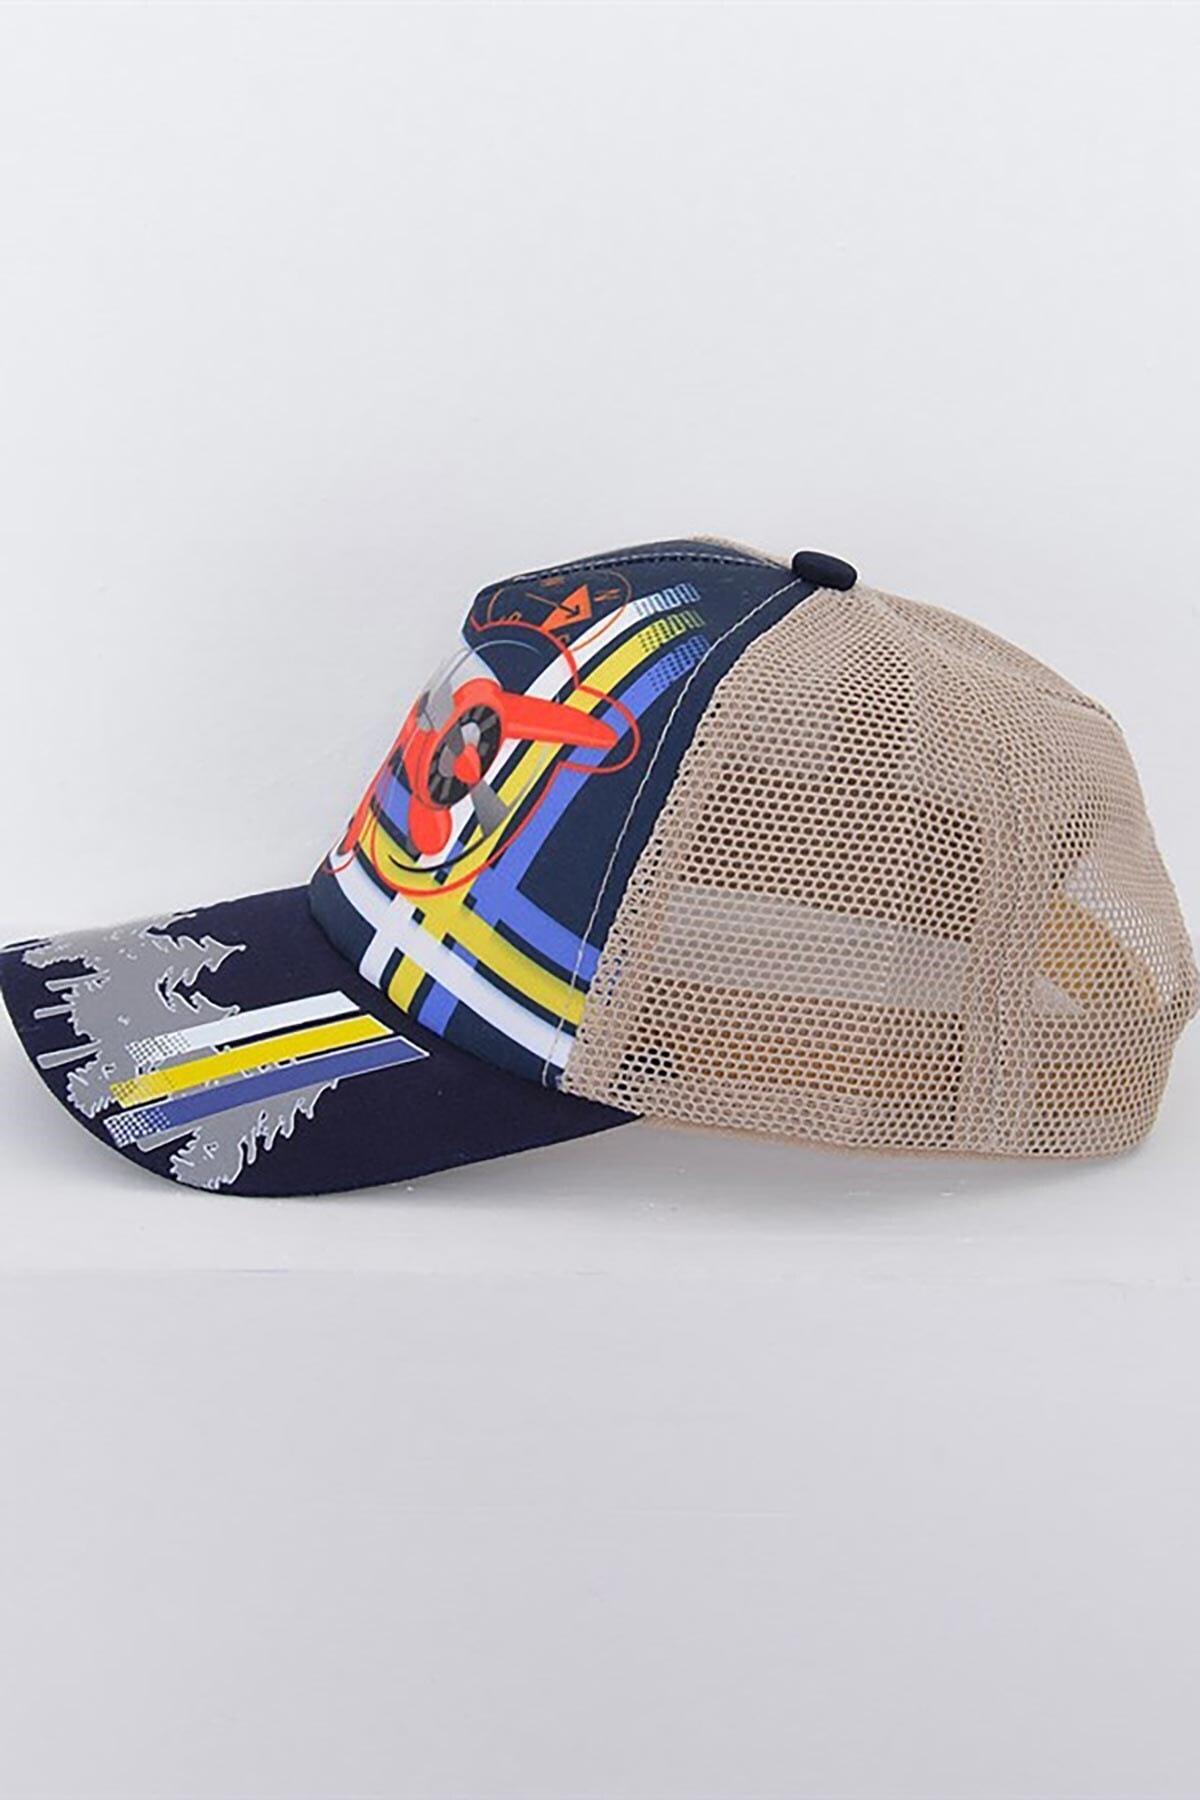 Mossta Erkek Çocuk Bej Uçak Baskılı 6-12 Yaş Şapka 2